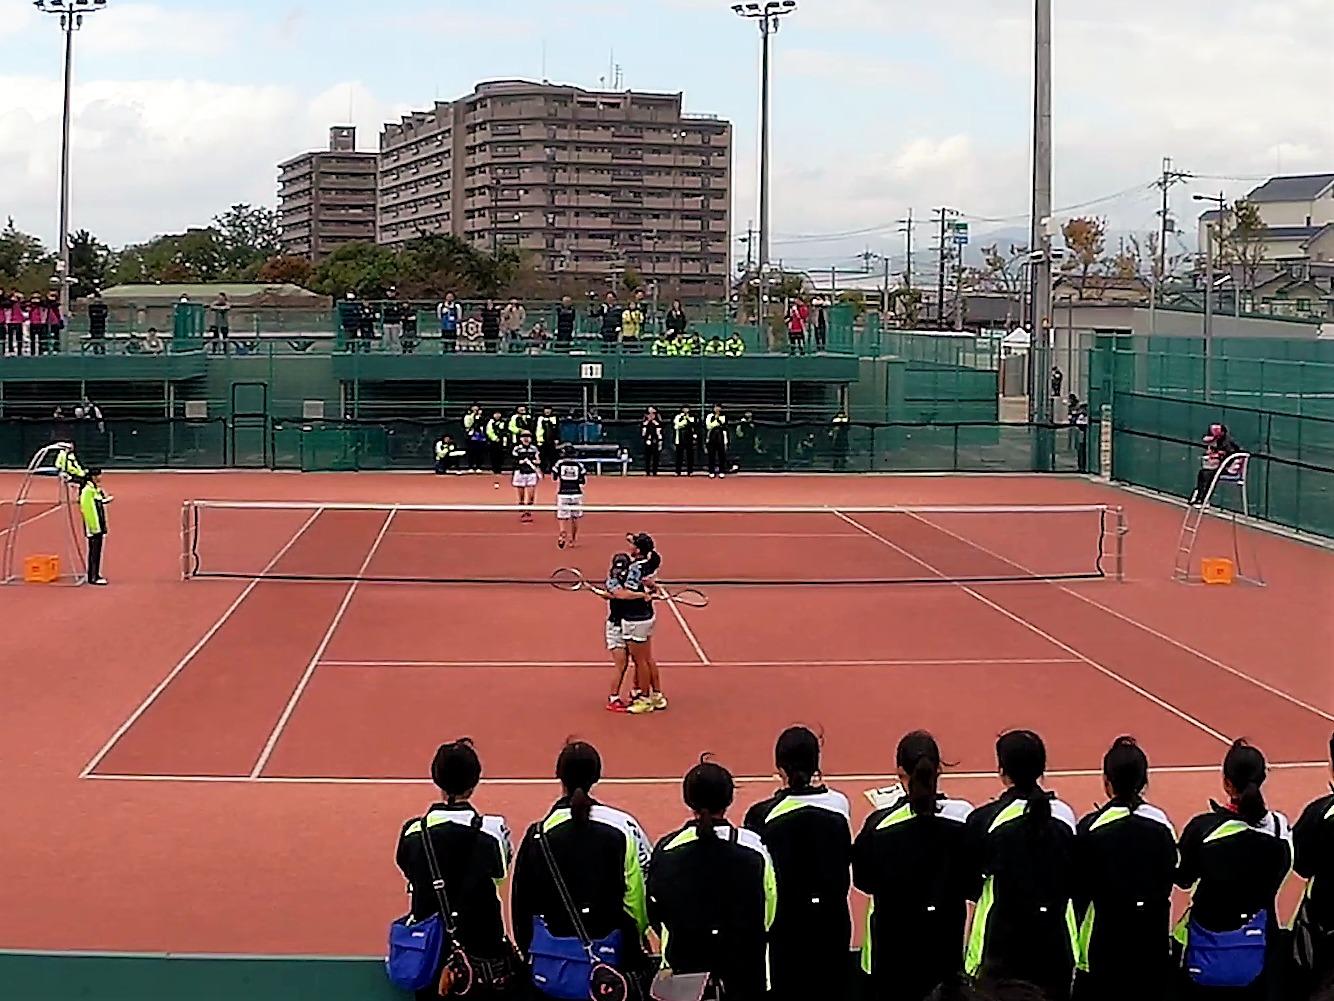 2018/10/25〜27 ソフトテニス滋賀県高校秋季大会